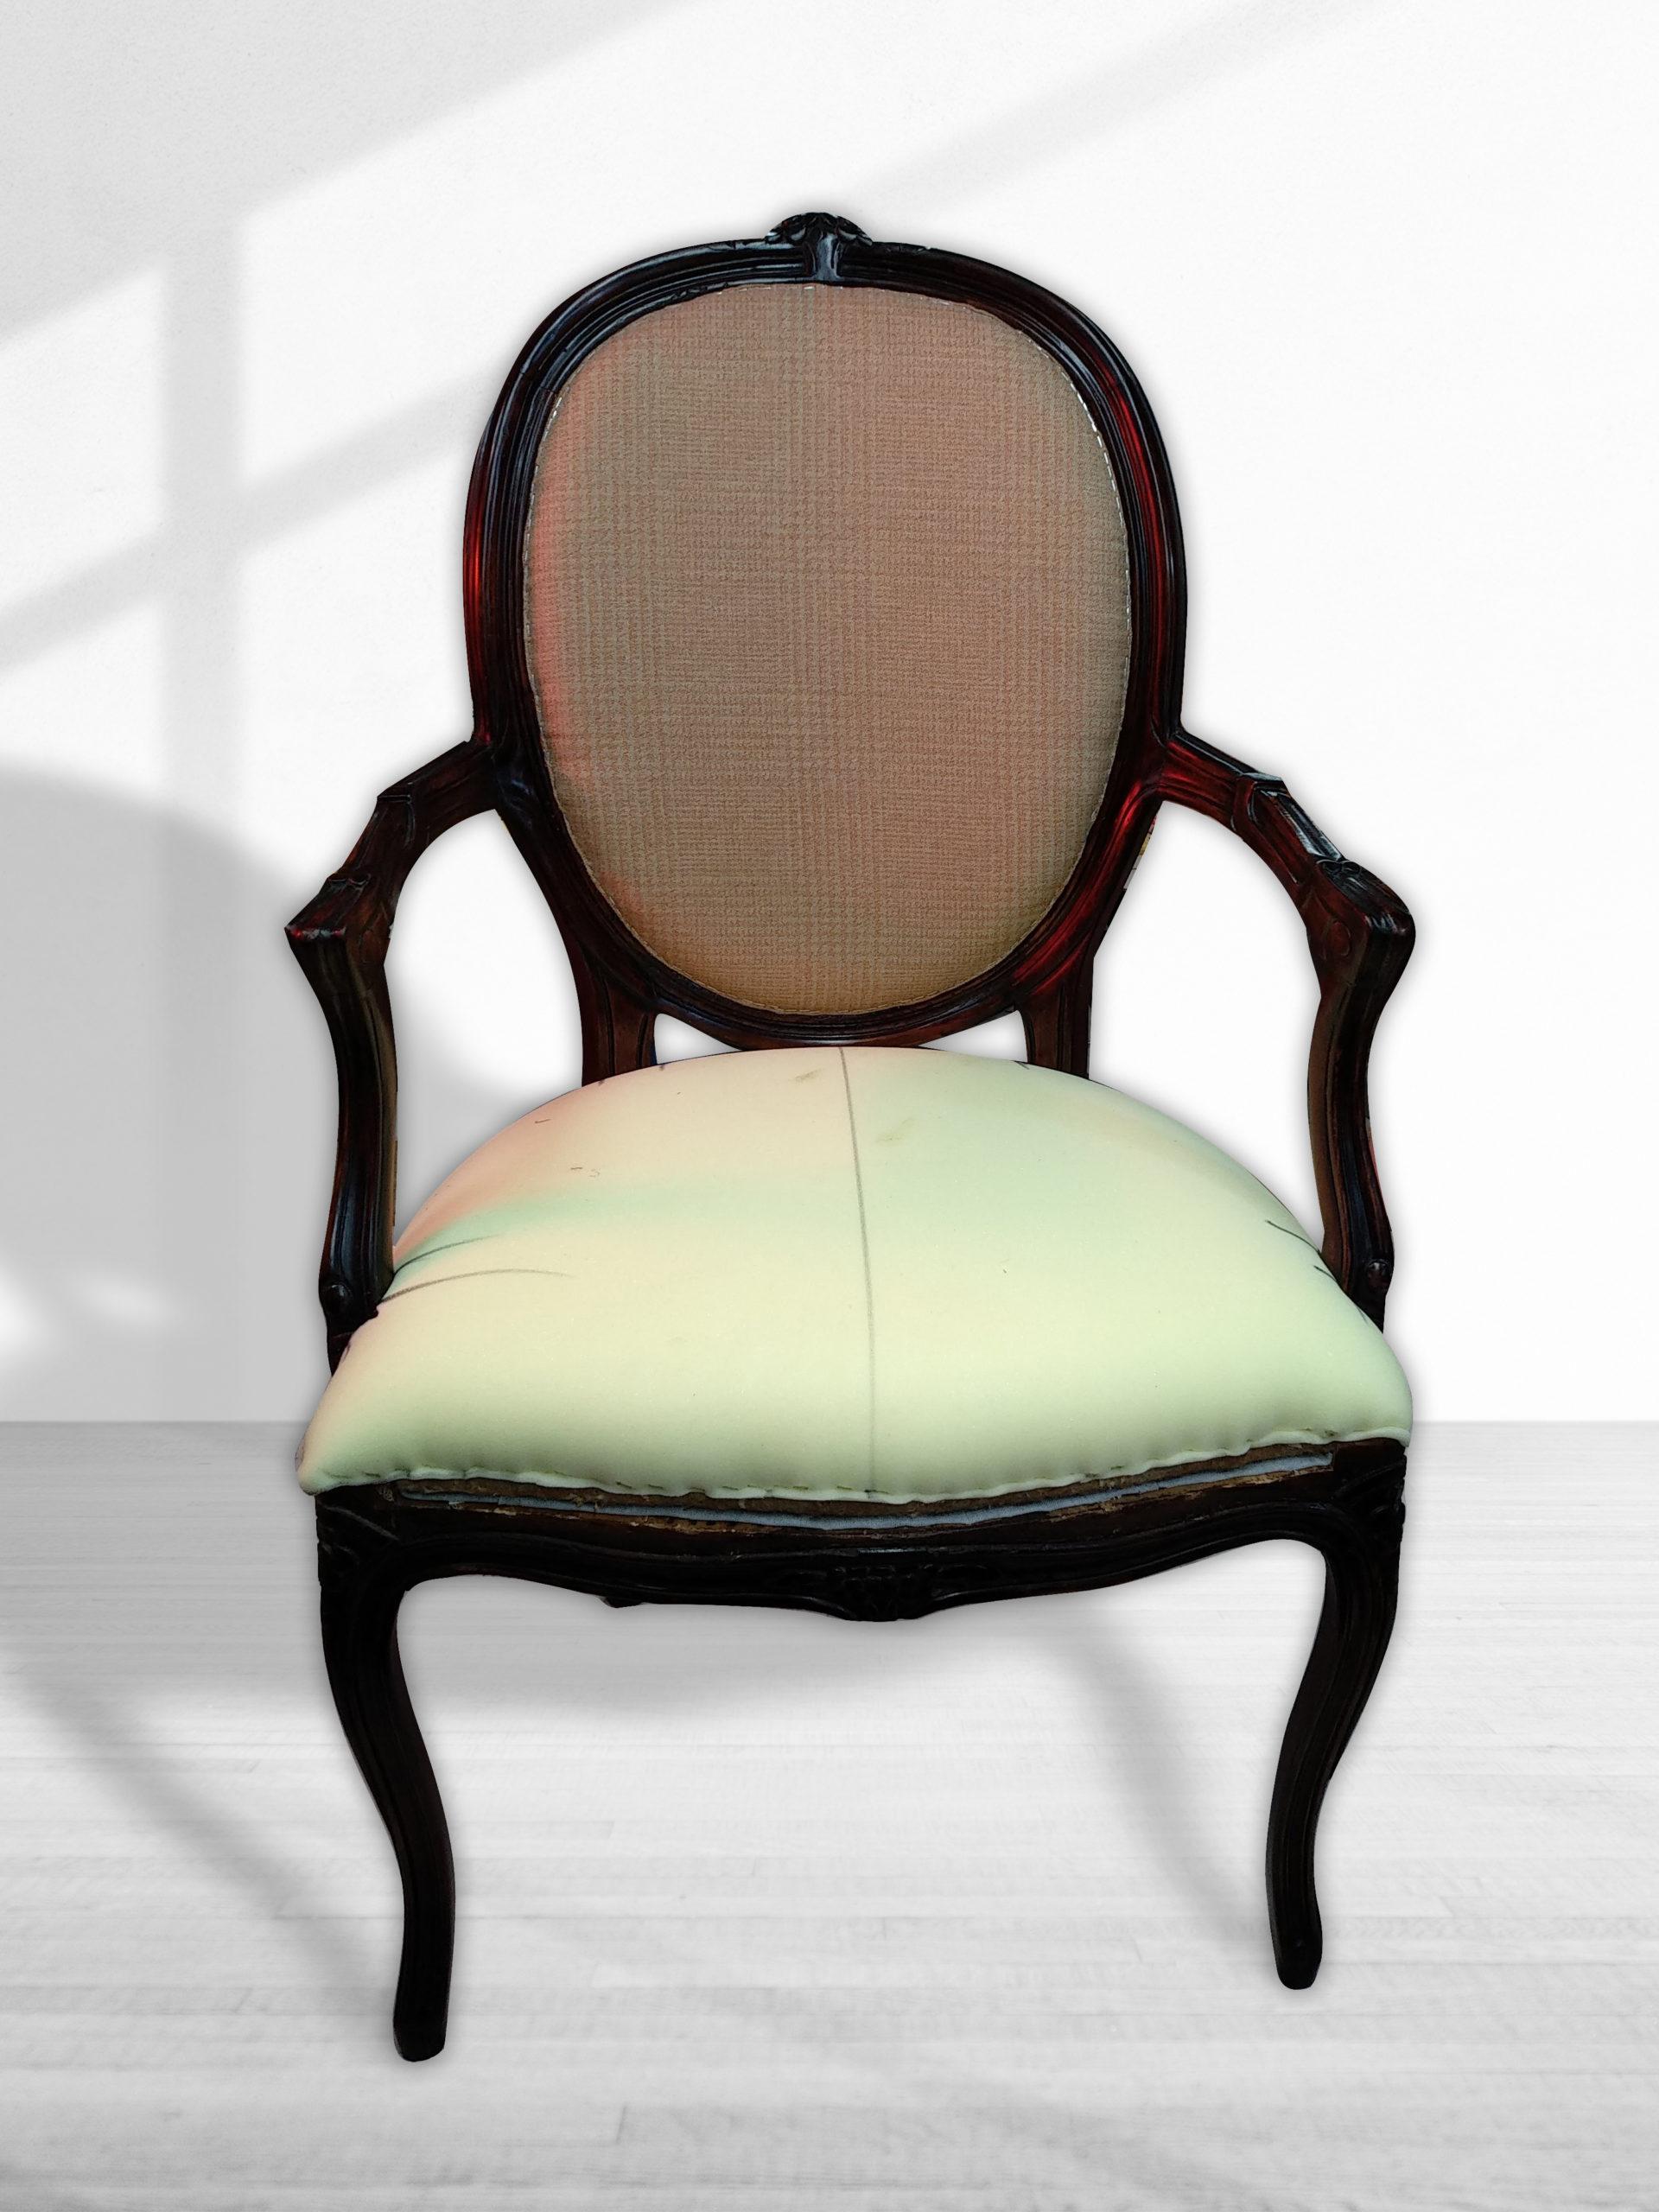 ריפוד רהיטים - ריפוד כסא - כסא בתהליך ריפוד ברסטורנו